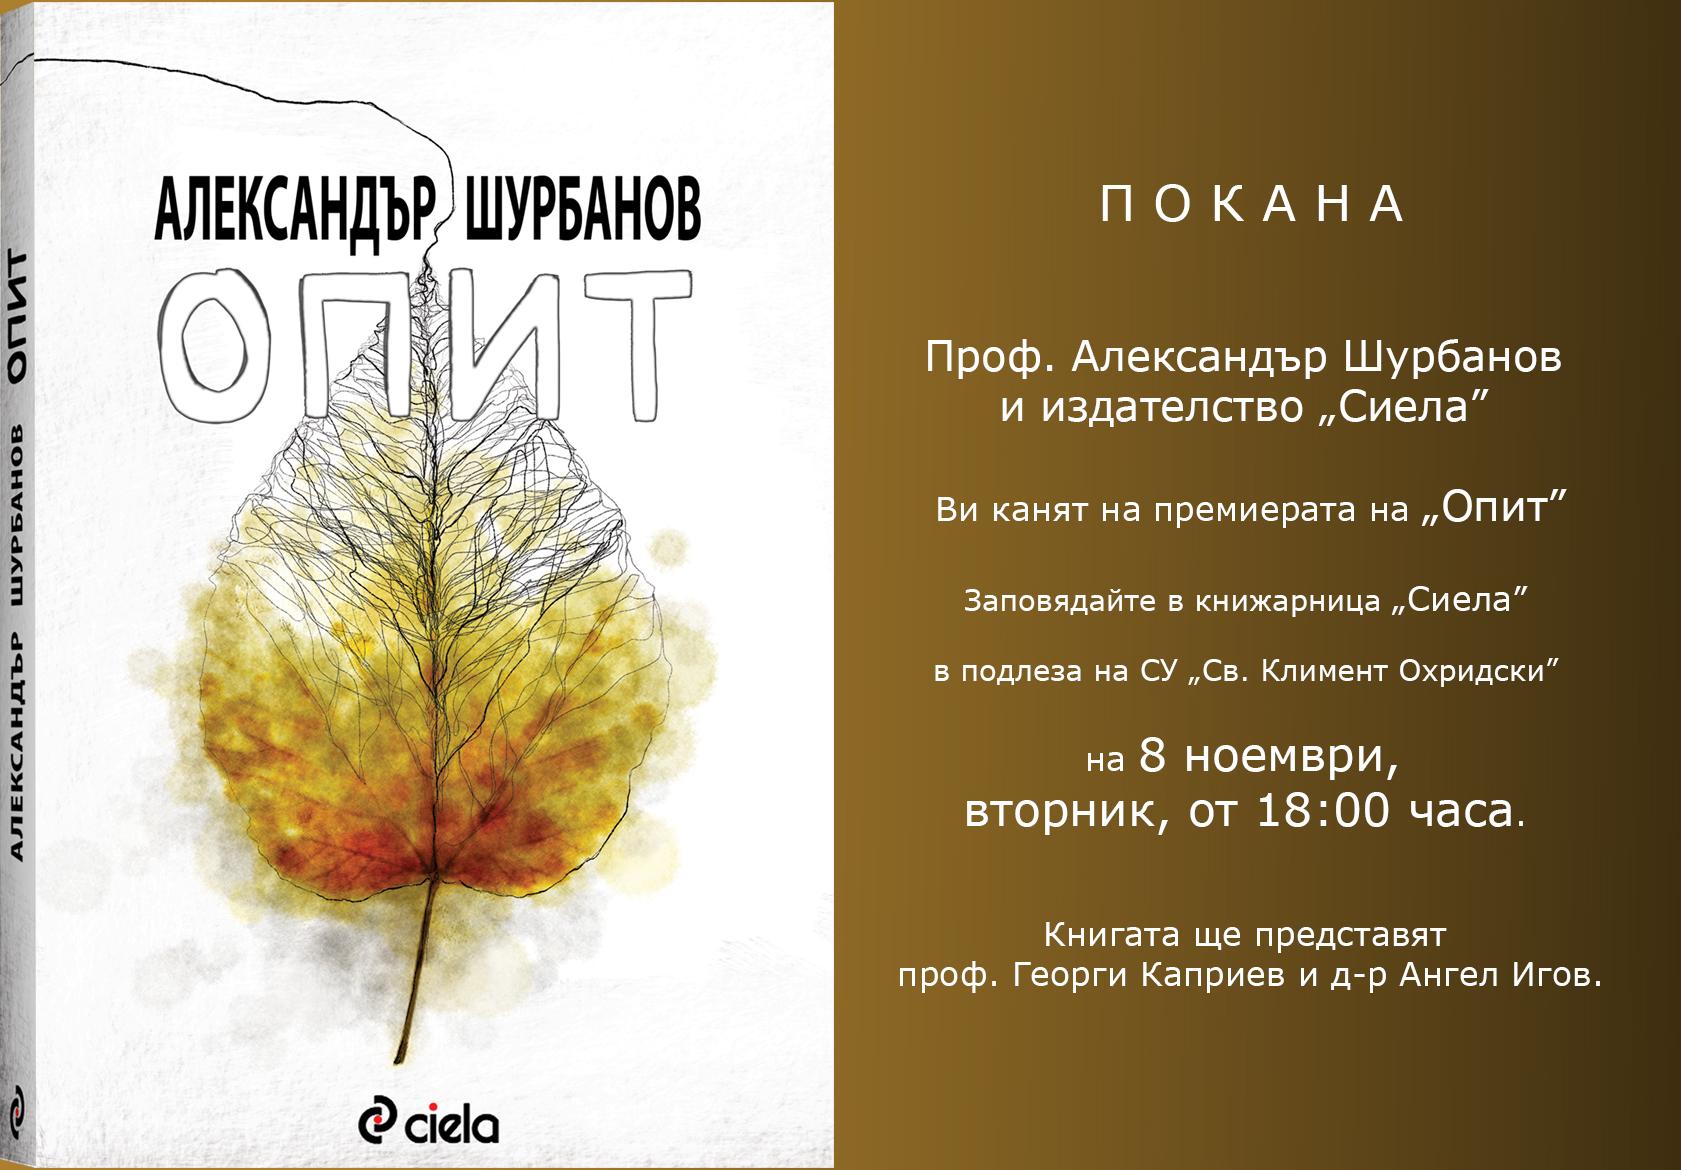 opit_alexander_shurbanov_pokana